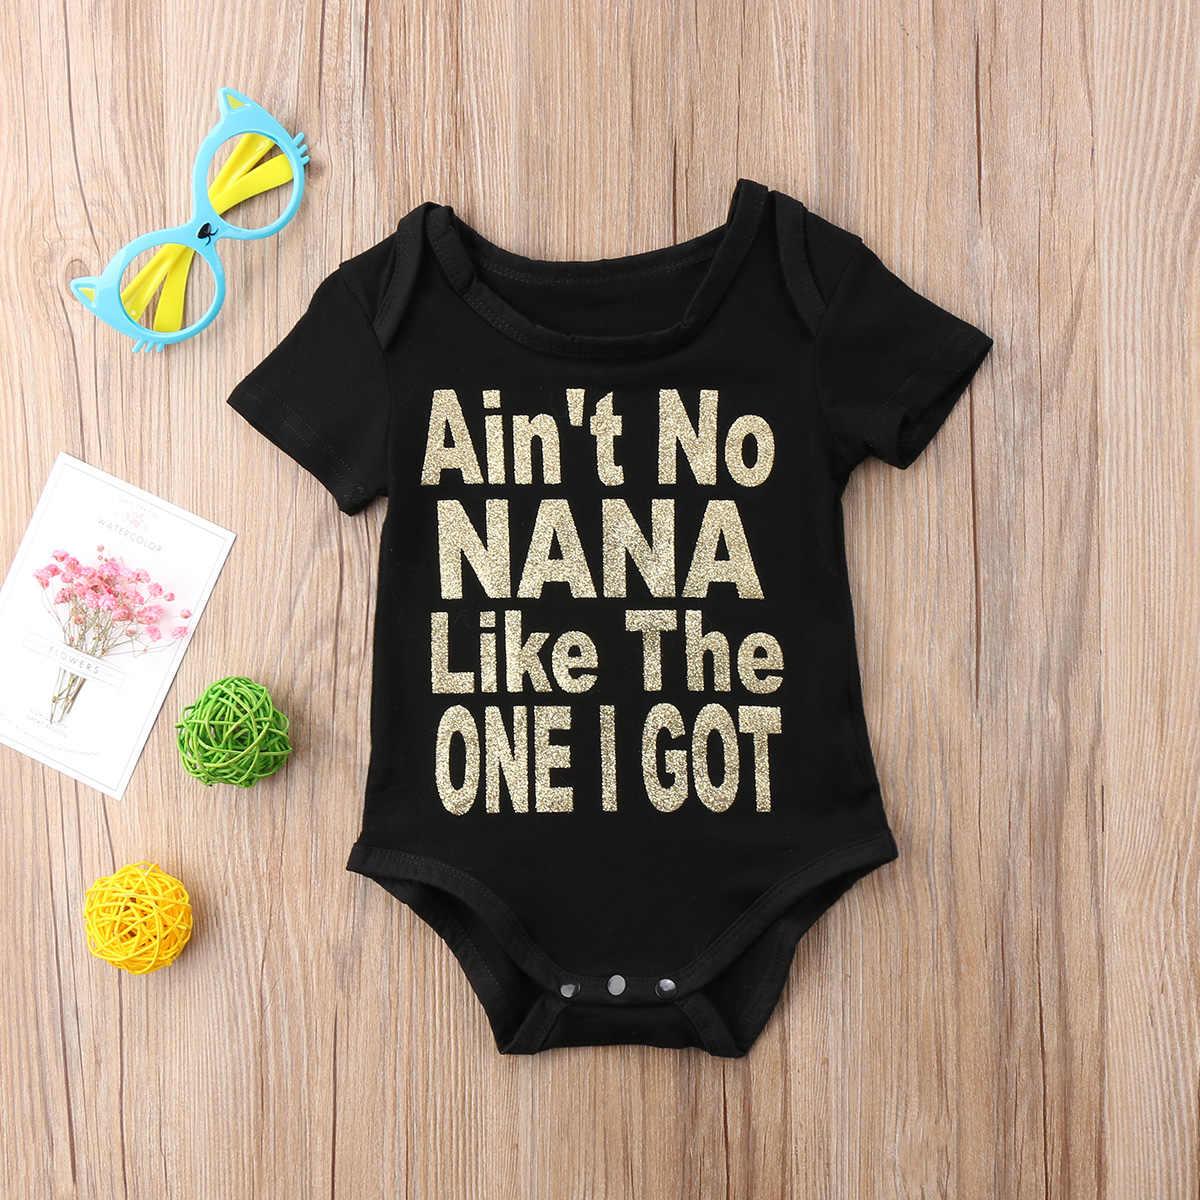 2020 Brand New noworodka maluch niemowlę dziewczynka chłopiec kombinezon Romper odzież codzienna krótkie rękawy stroje letnie jednoczęściowe ubrania